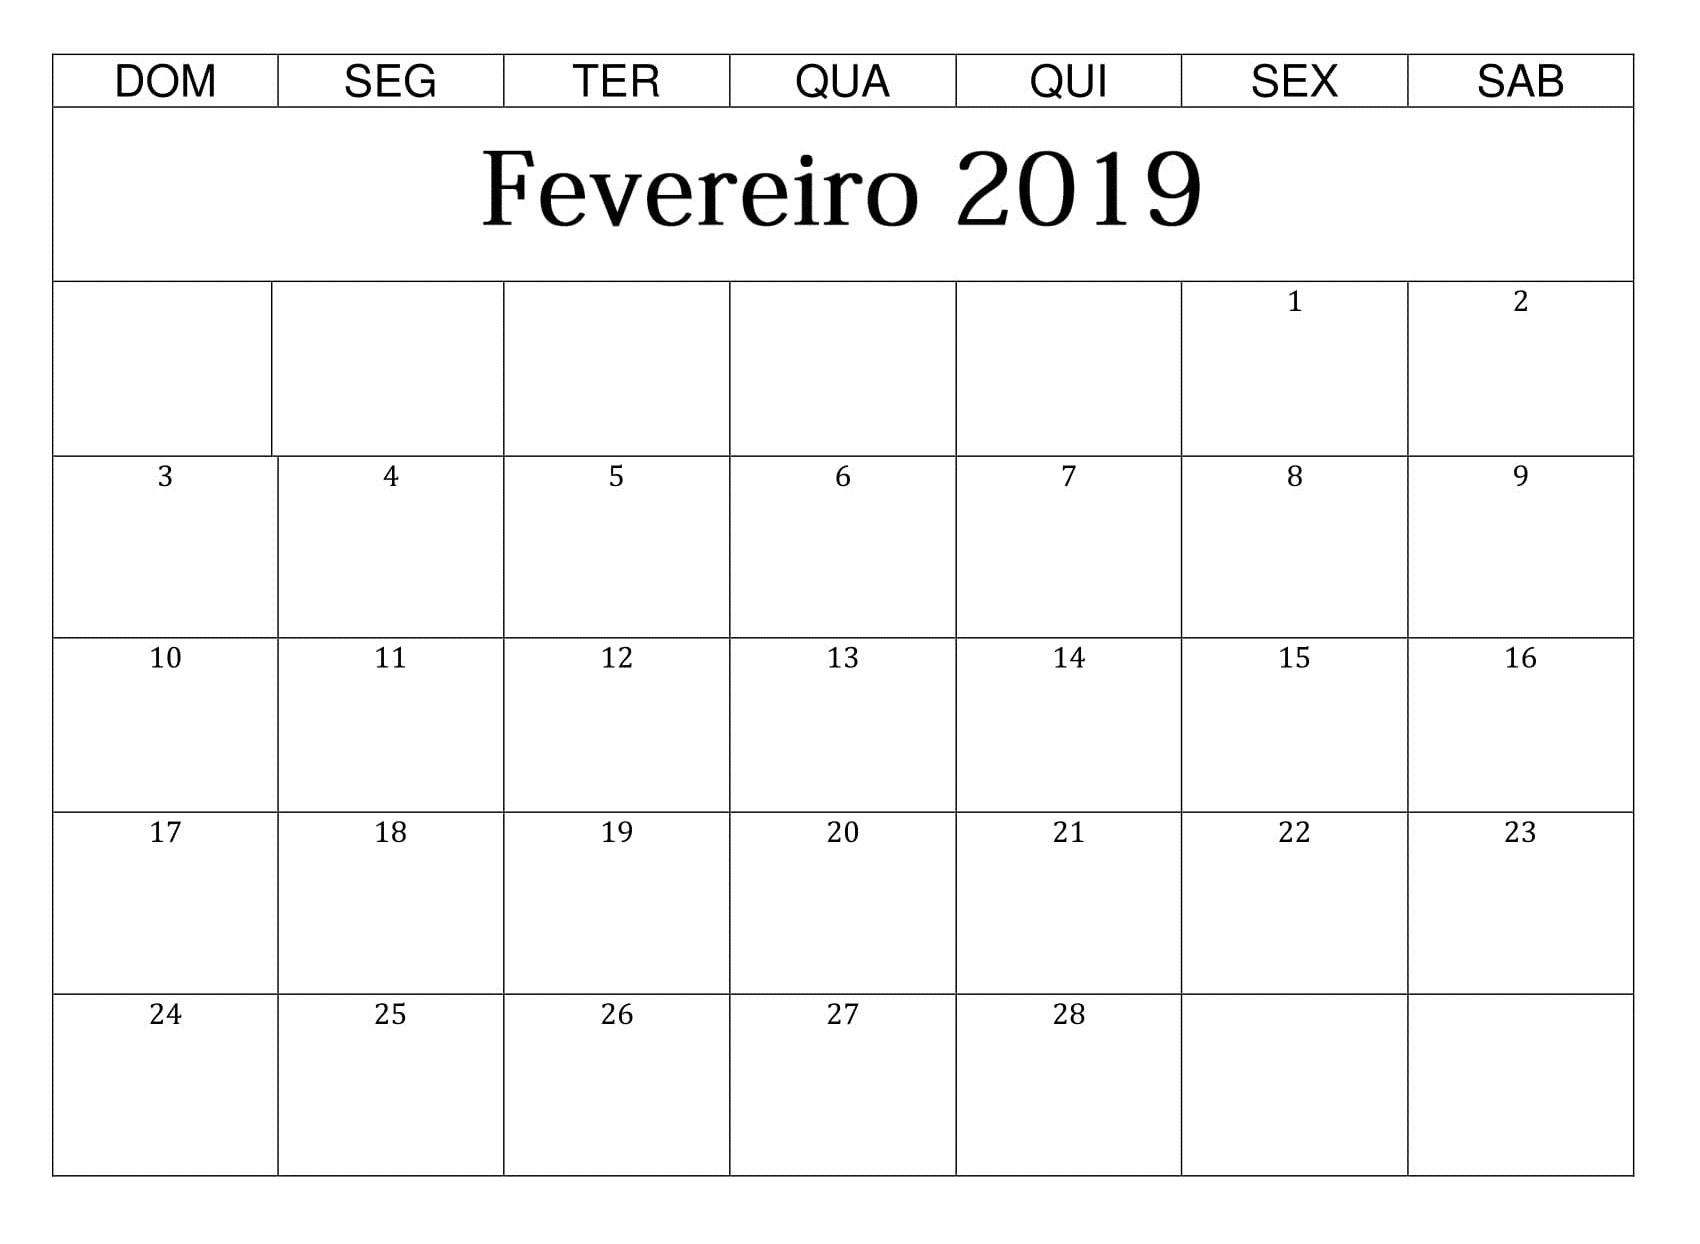 Fevereiro 2019 Feriados Calendƒ¡rio Calendƒ¡rio Fevereiro 2019